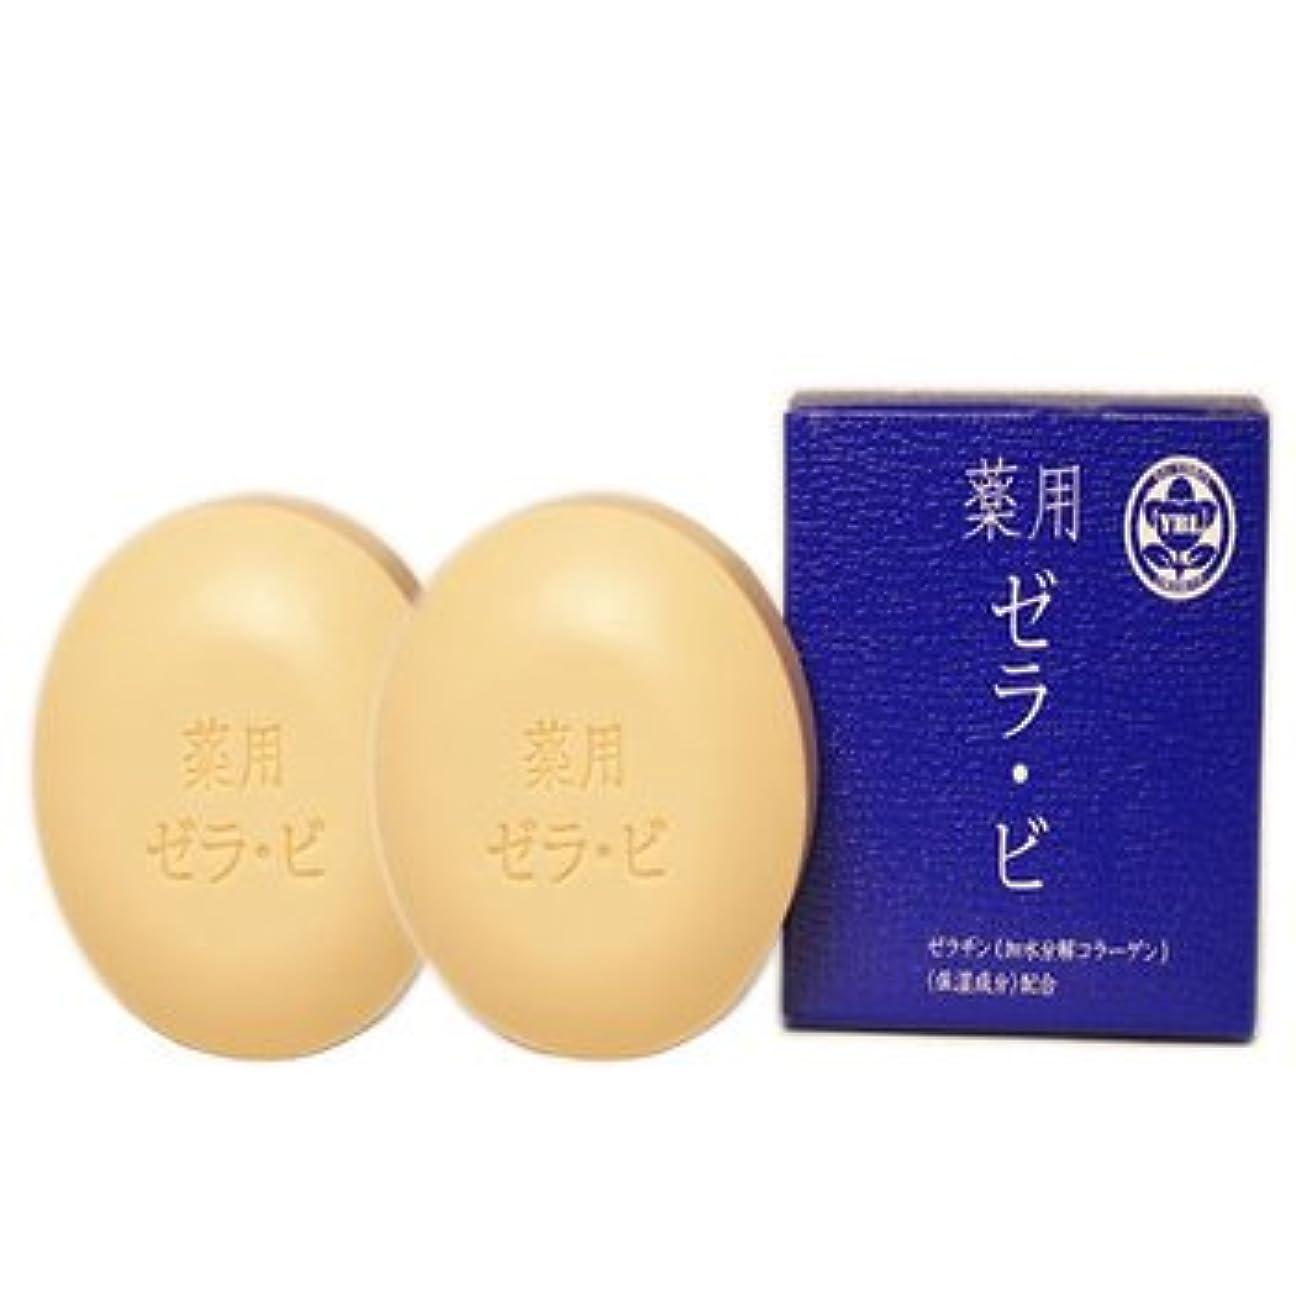 メンタリティ忌避剤前任者薬用ゼラビ90g×2個セット【医薬部外品】